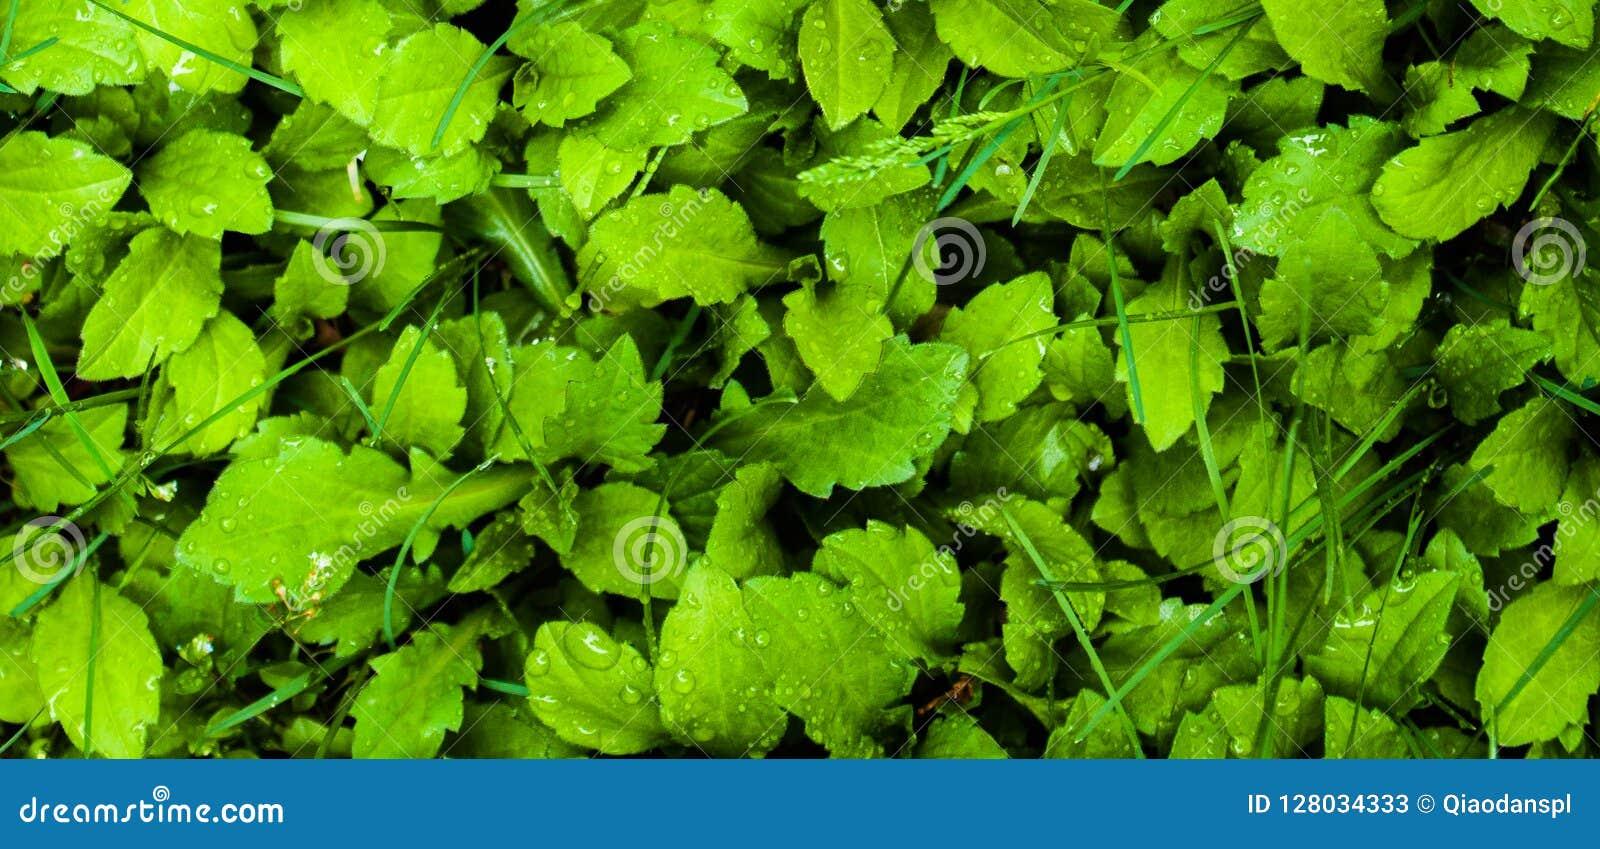 Лужайка злаковика; sward; greensward; трав-график; дерн